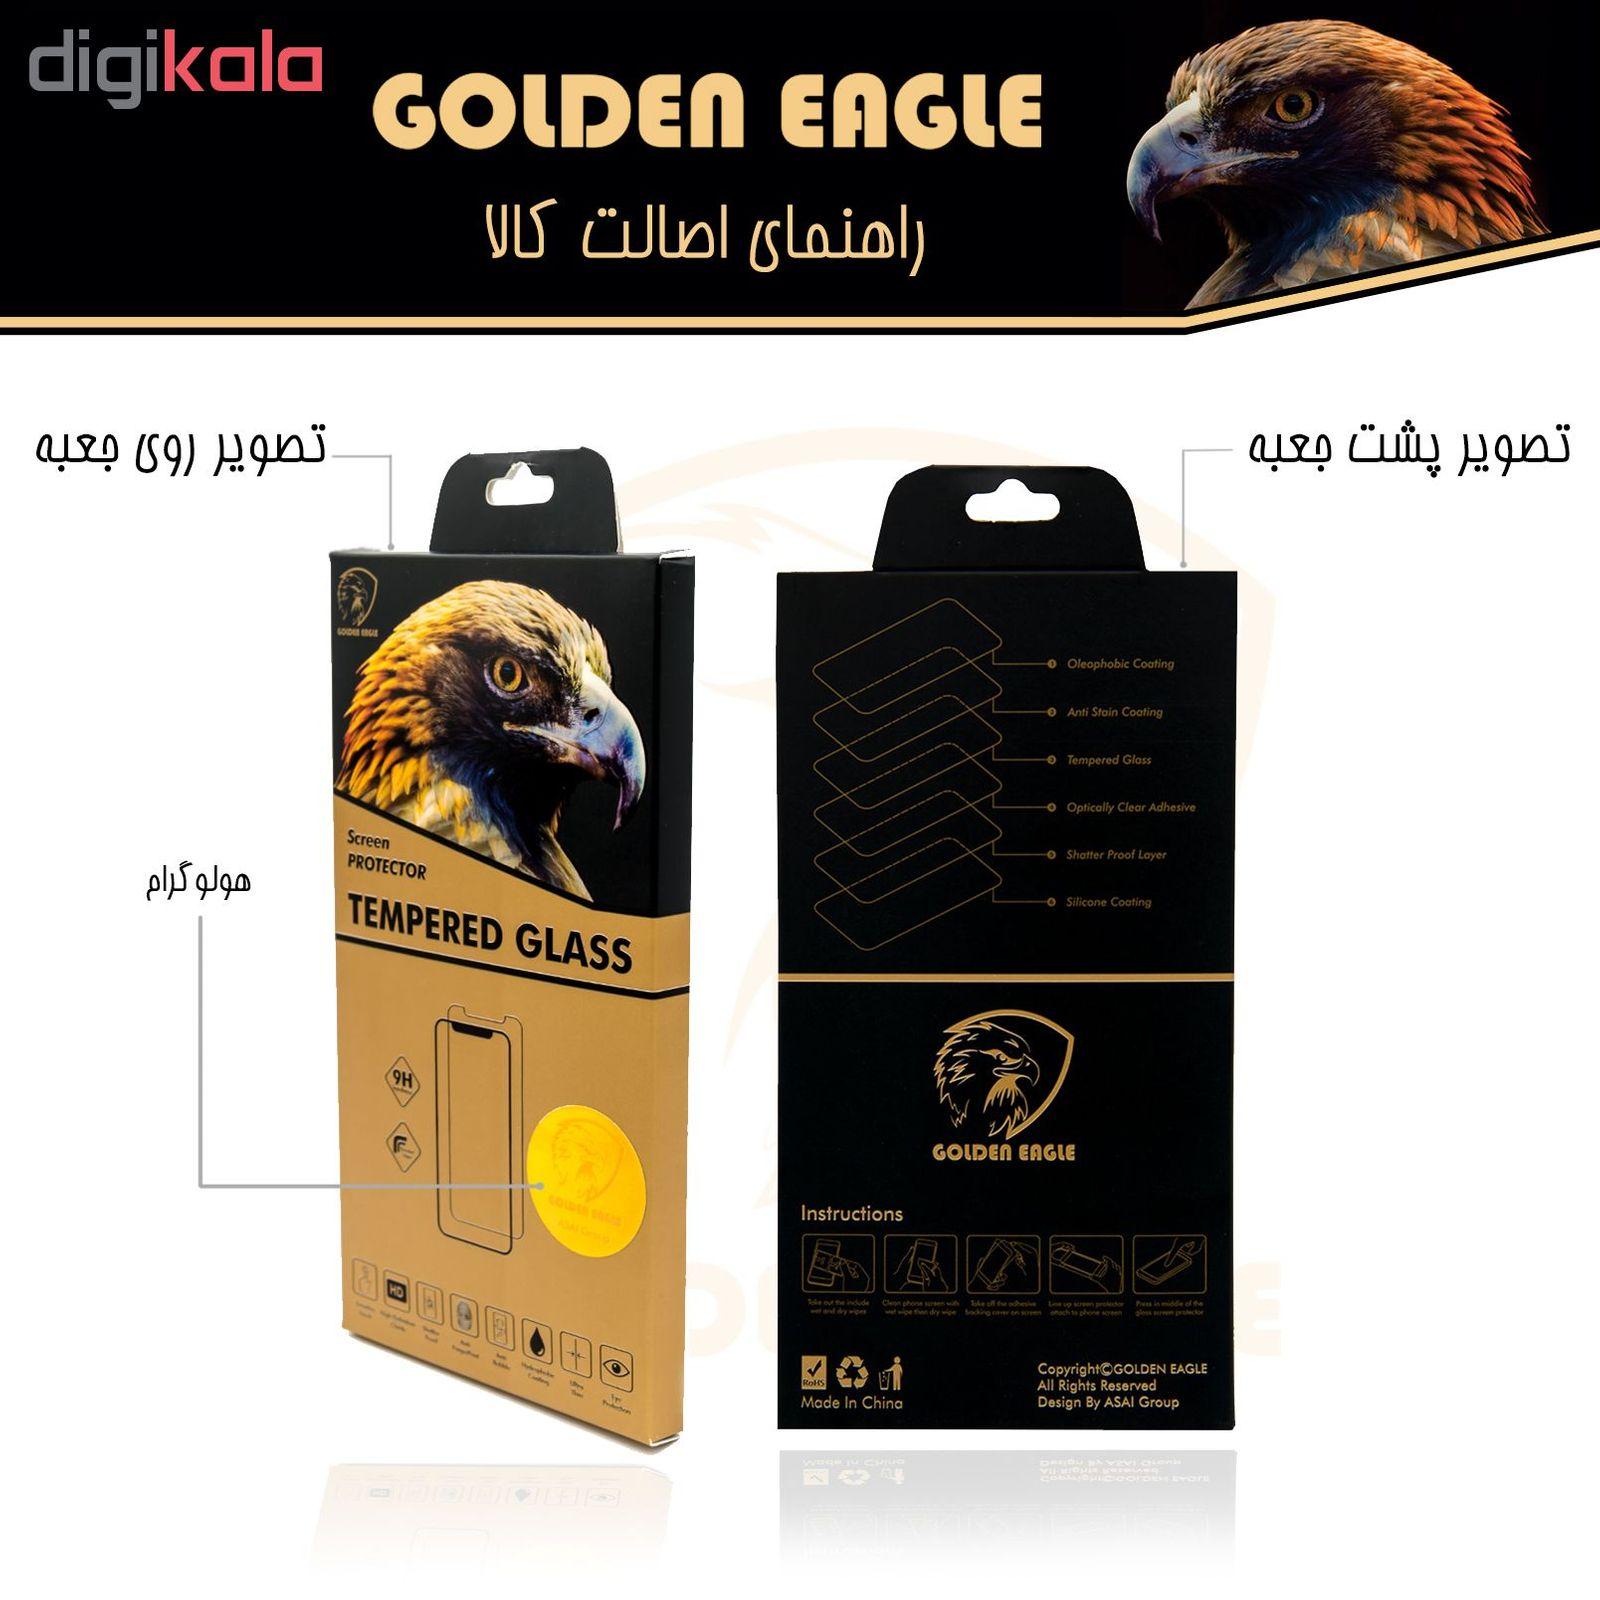 محافظ صفحه نمایش گلدن ایگل مدل DFC-X3 مناسب برای گوشی موبایل سامسونگ Galaxy S9 Plus بسته سه عددی main 1 5